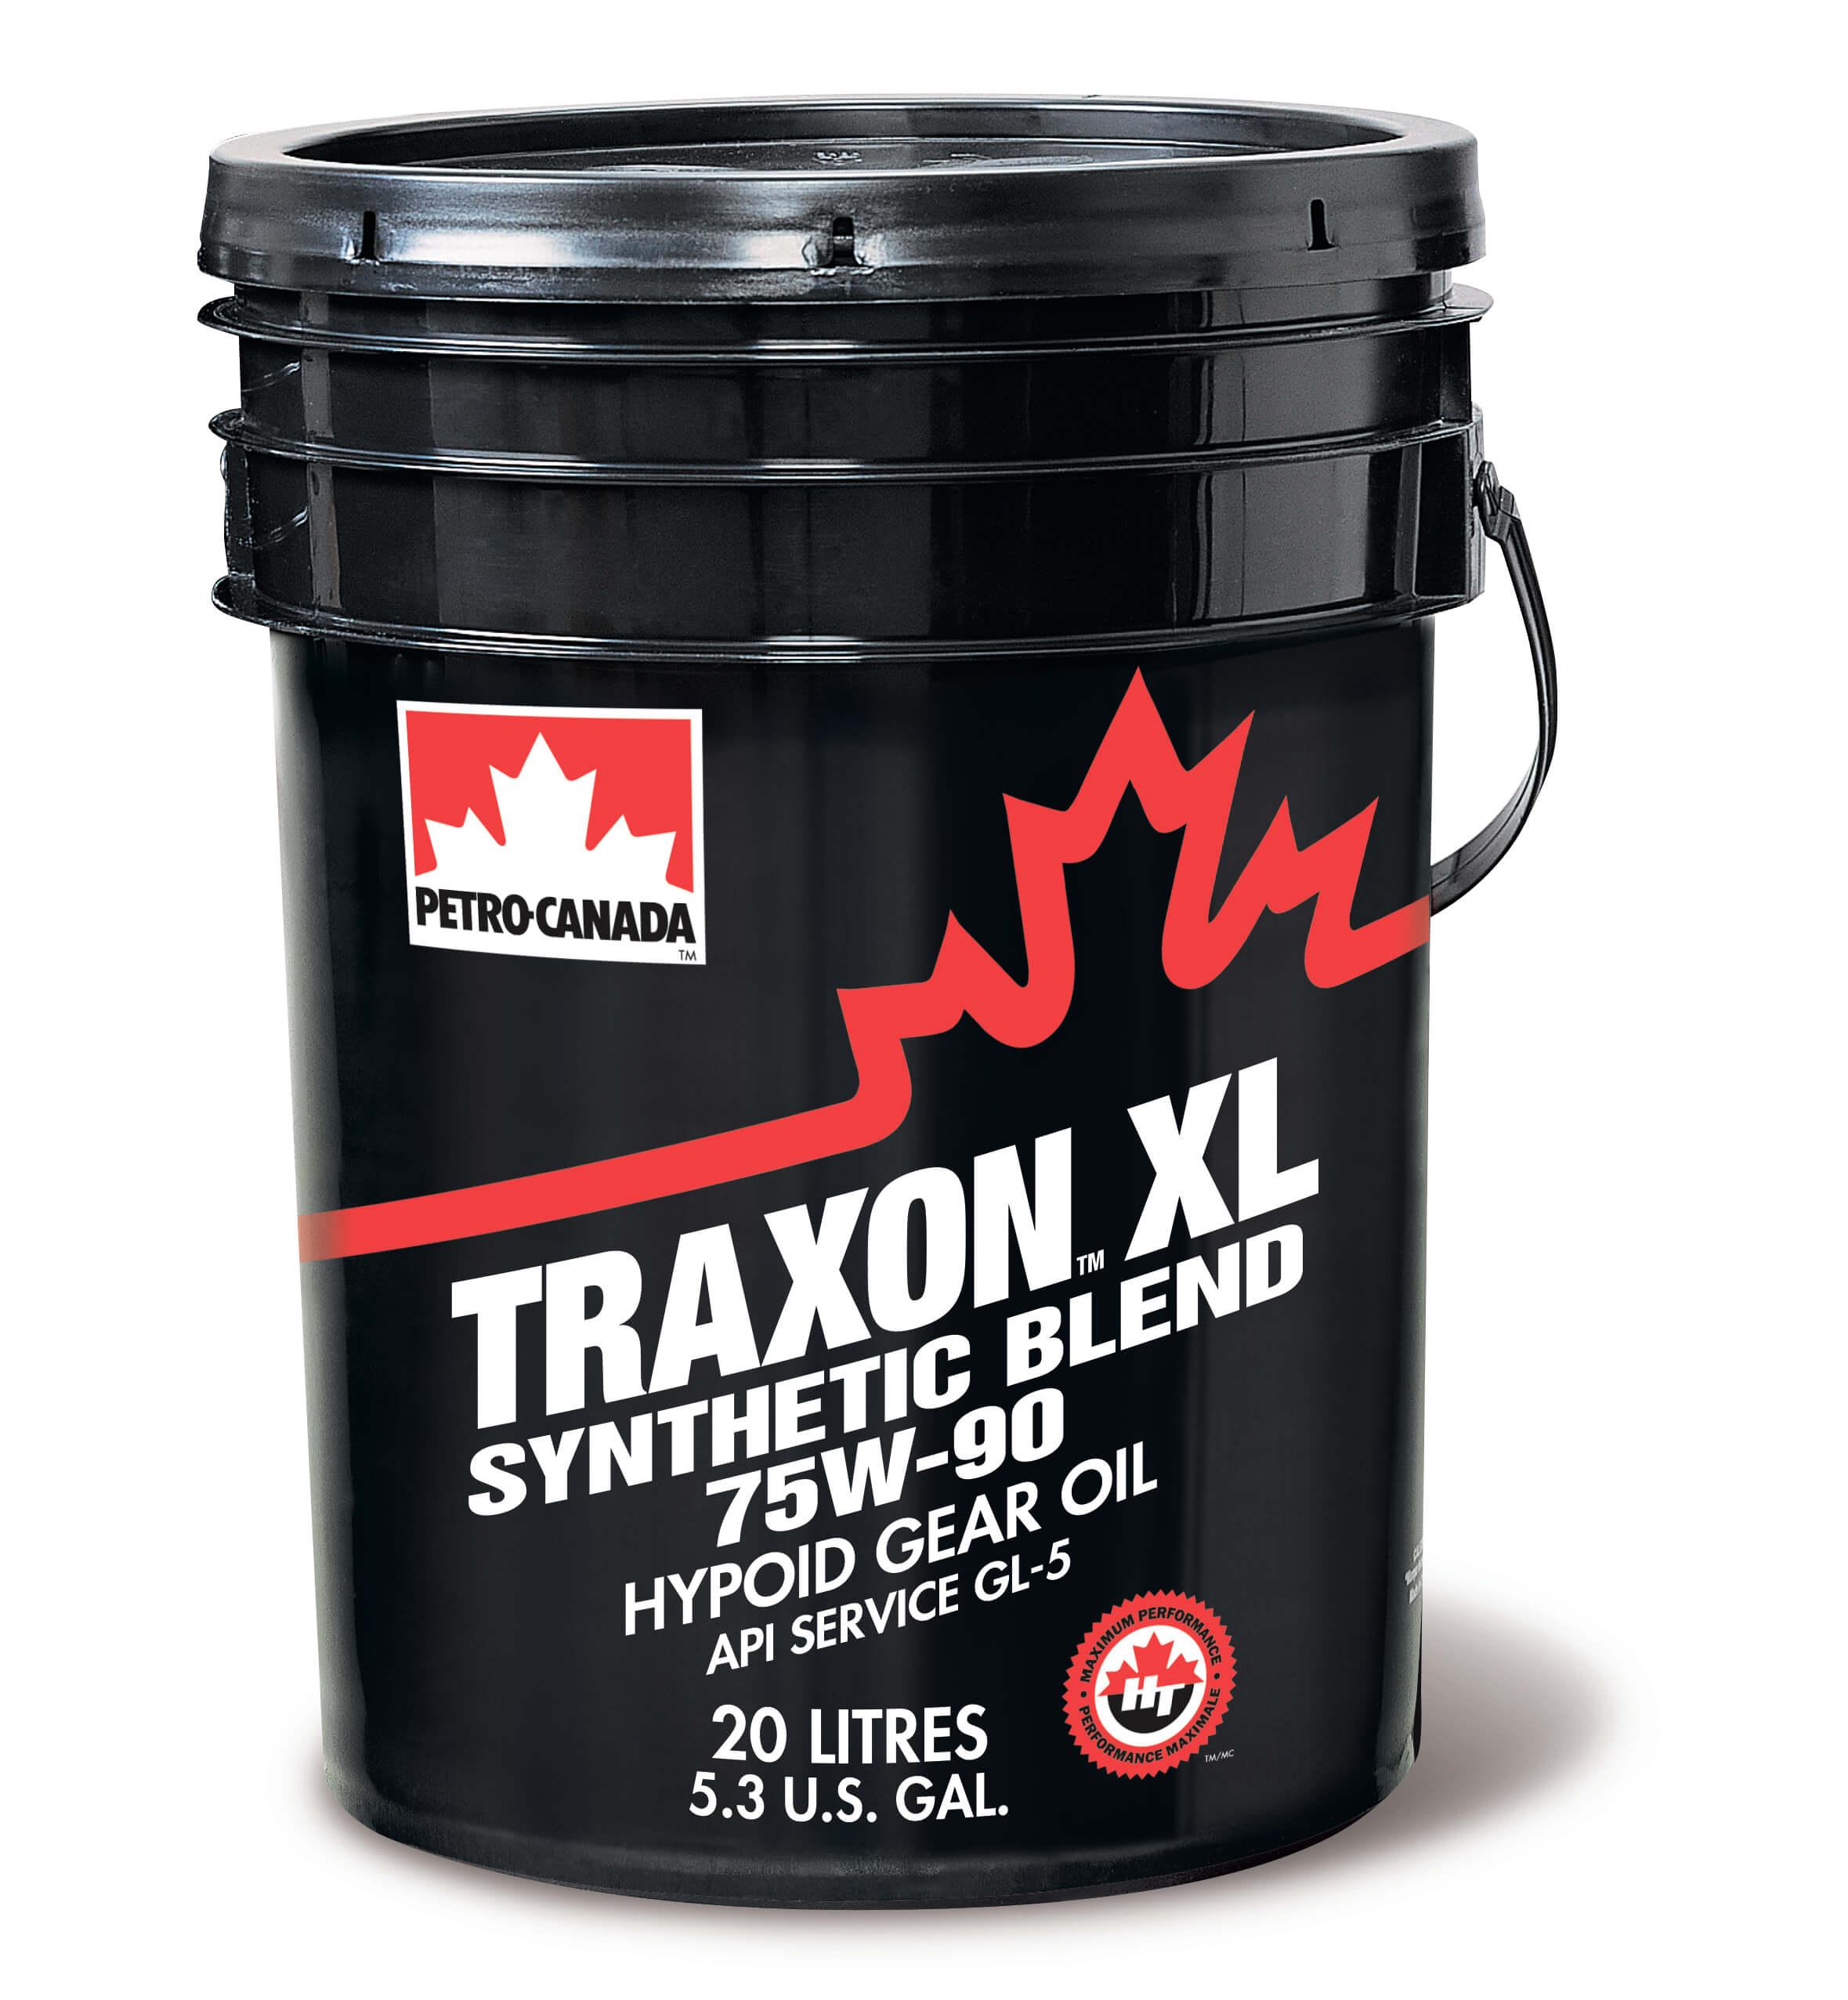 Petro-Canada   Traxon XL Syn Blend 75W90